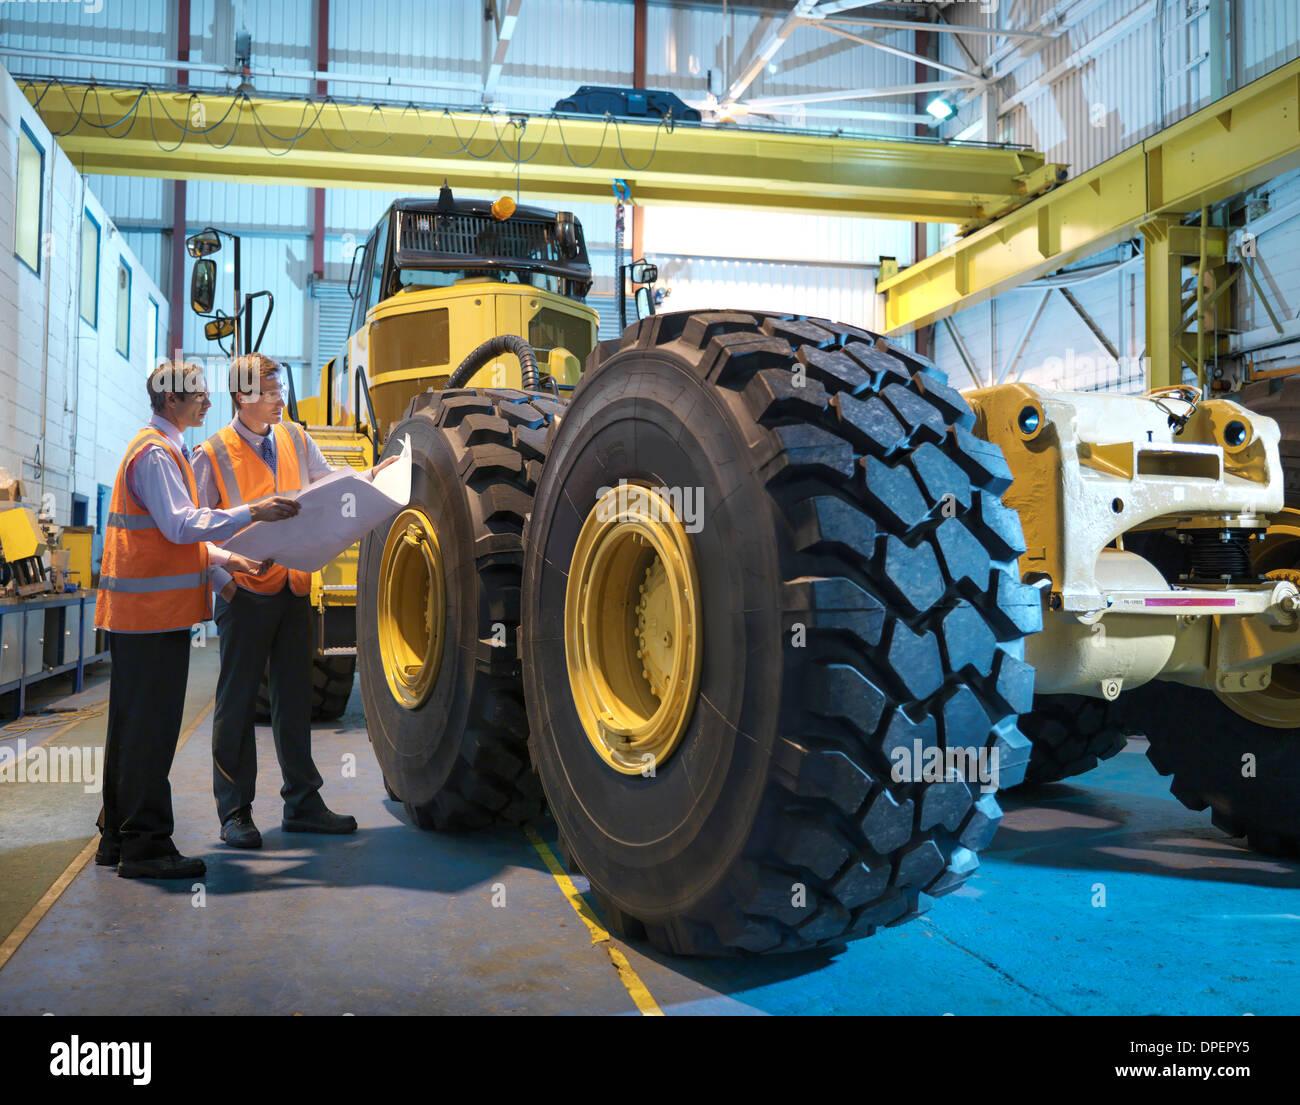 Ingegneri con disegni di ingegneria di ispezione di autocarro pesante Immagini Stock